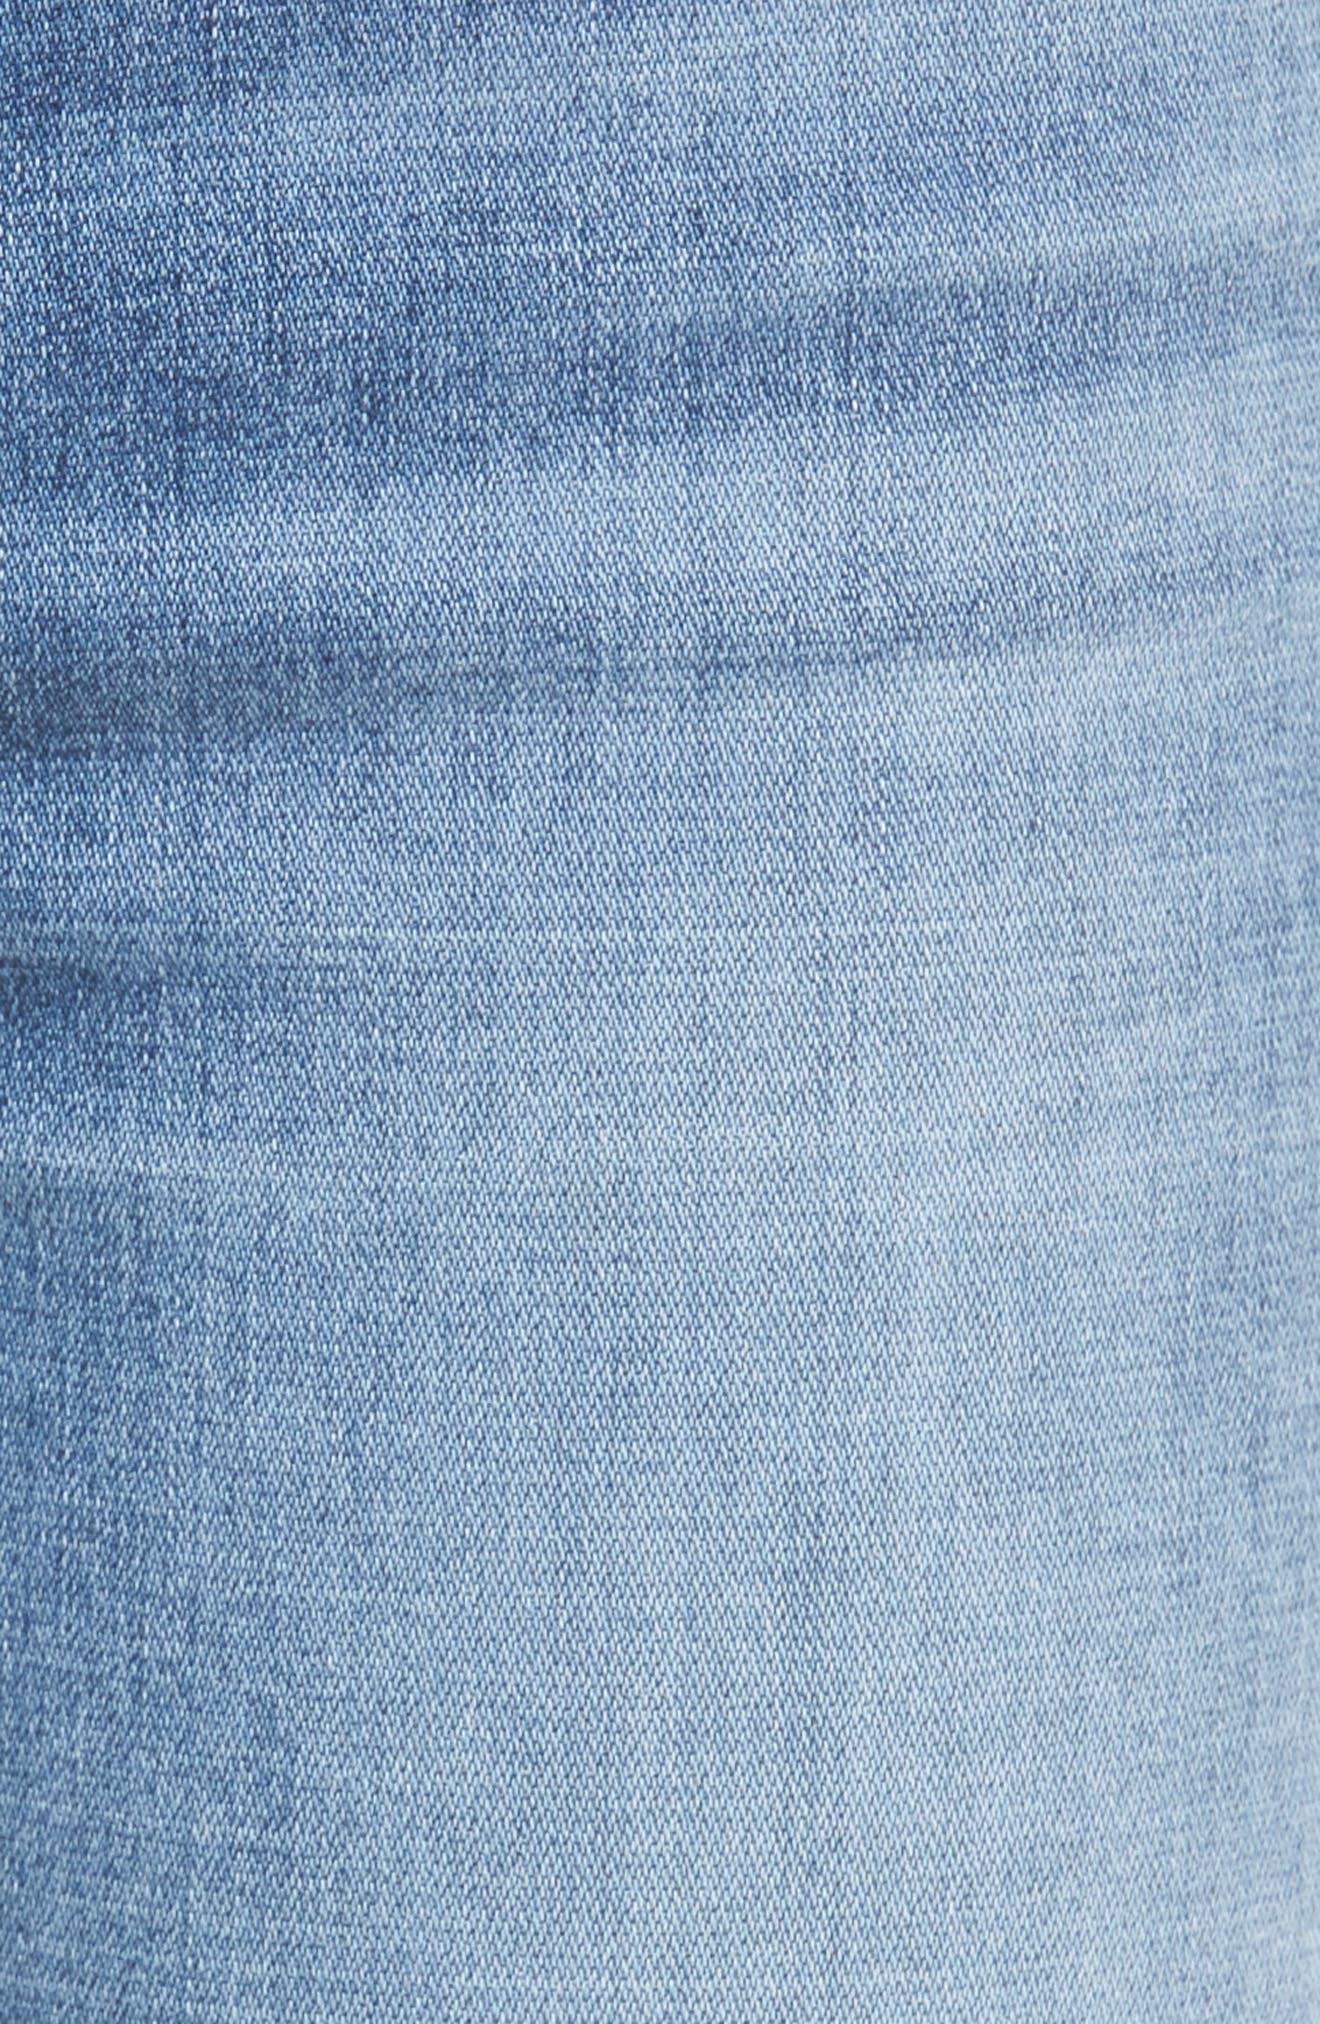 Dylan Split Hem Straight Leg Jeans,                             Alternate thumbnail 5, color,                             400